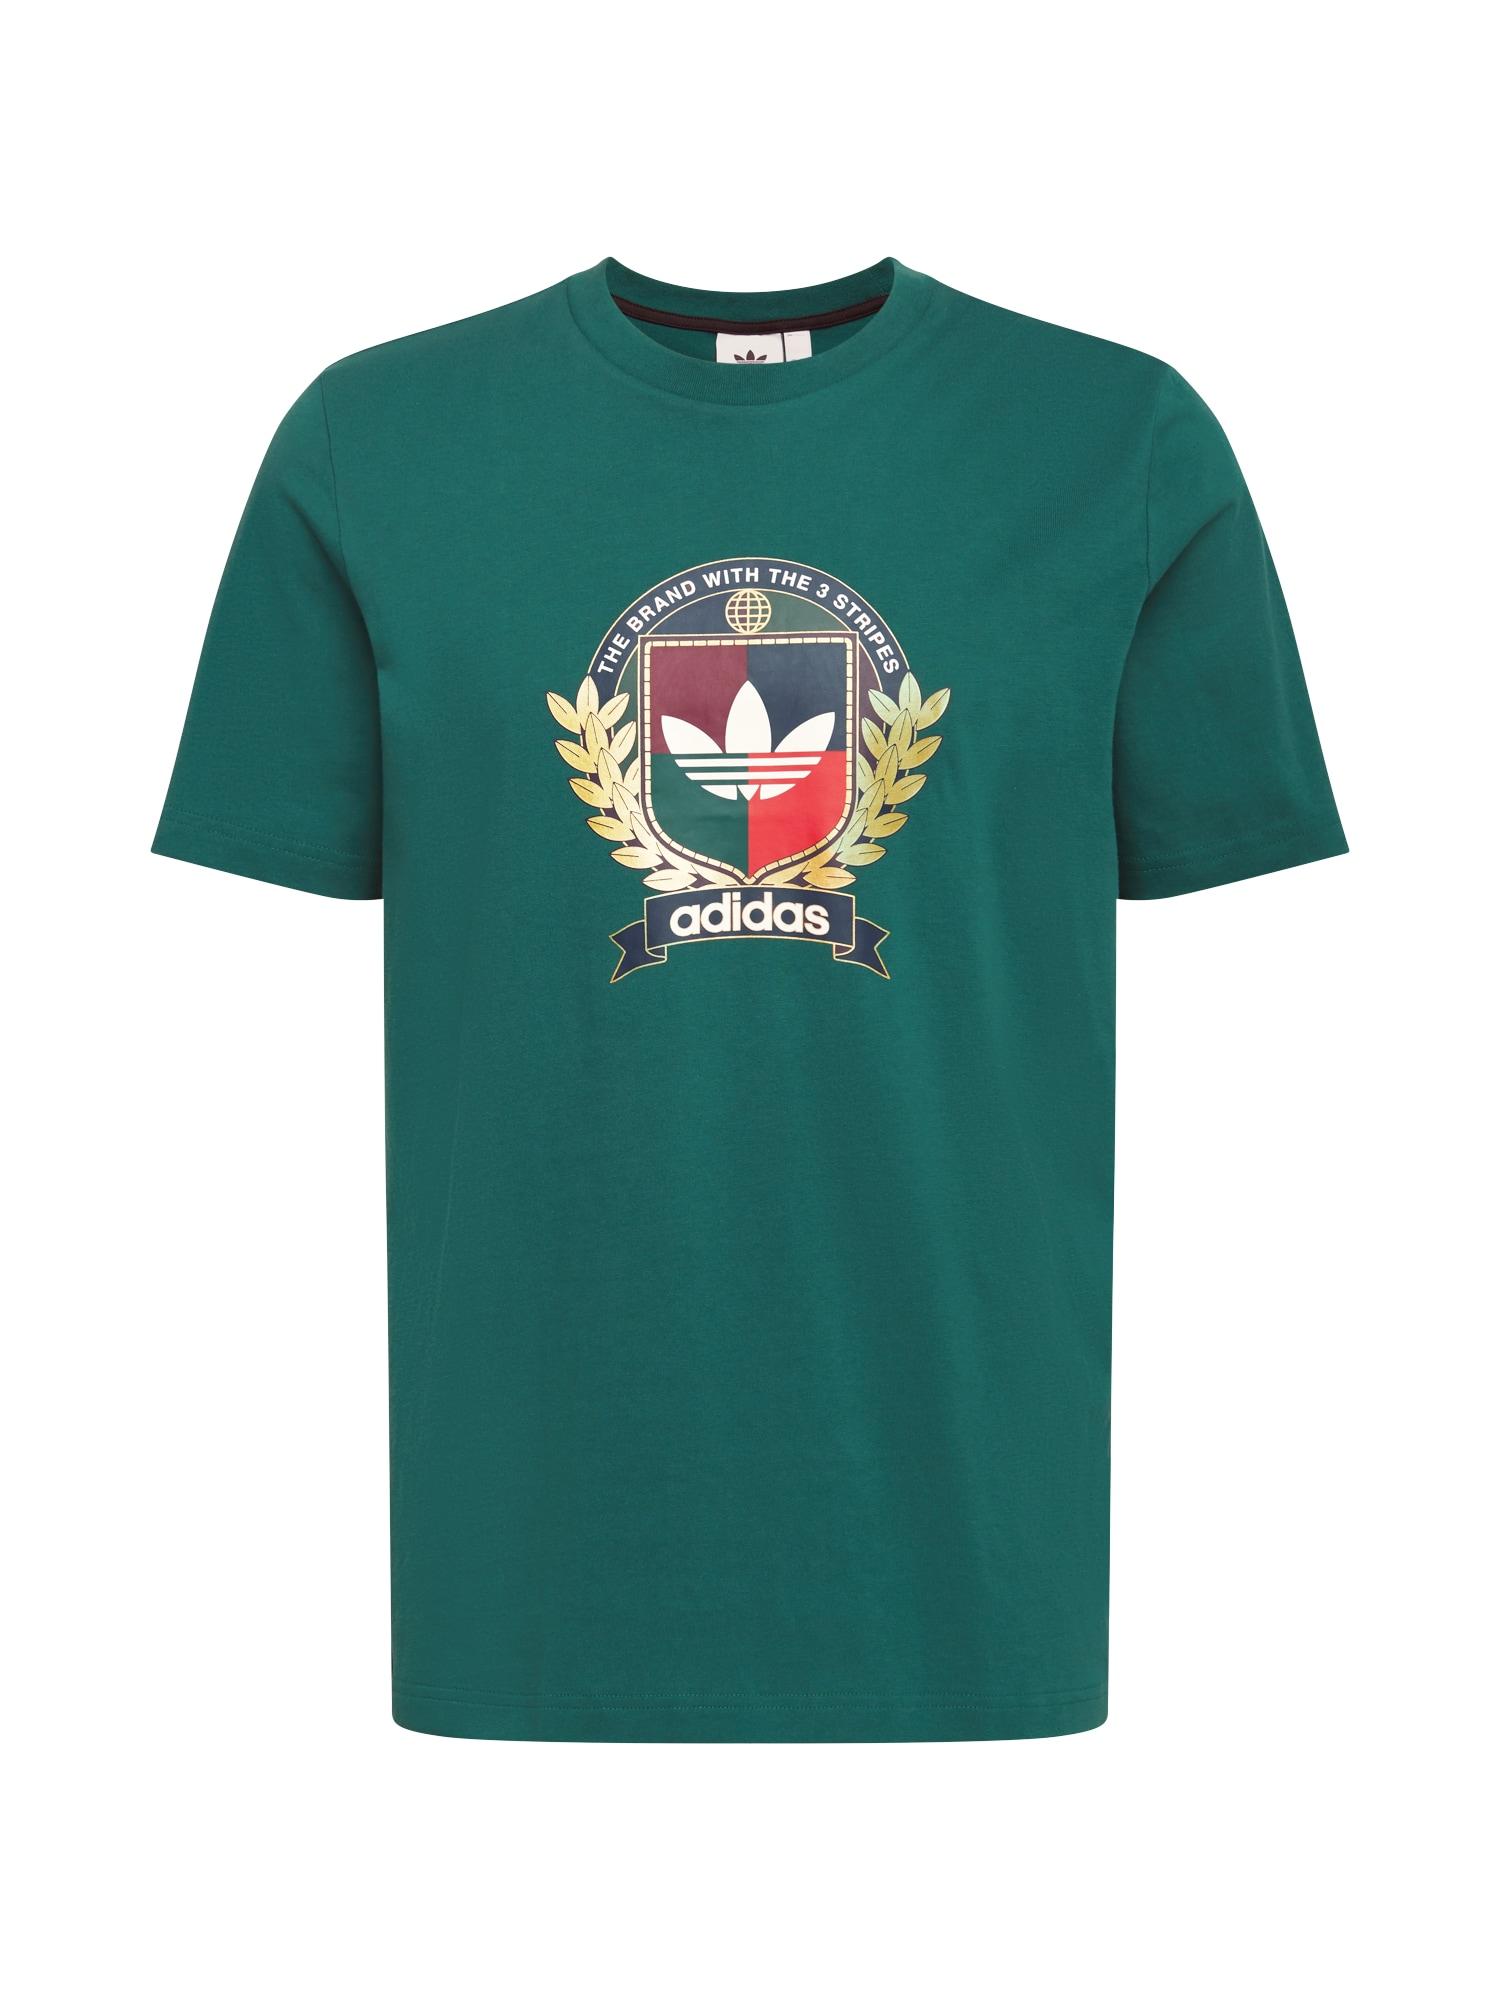 ADIDAS ORIGINALS Marškinėliai 'College Crest' žalia